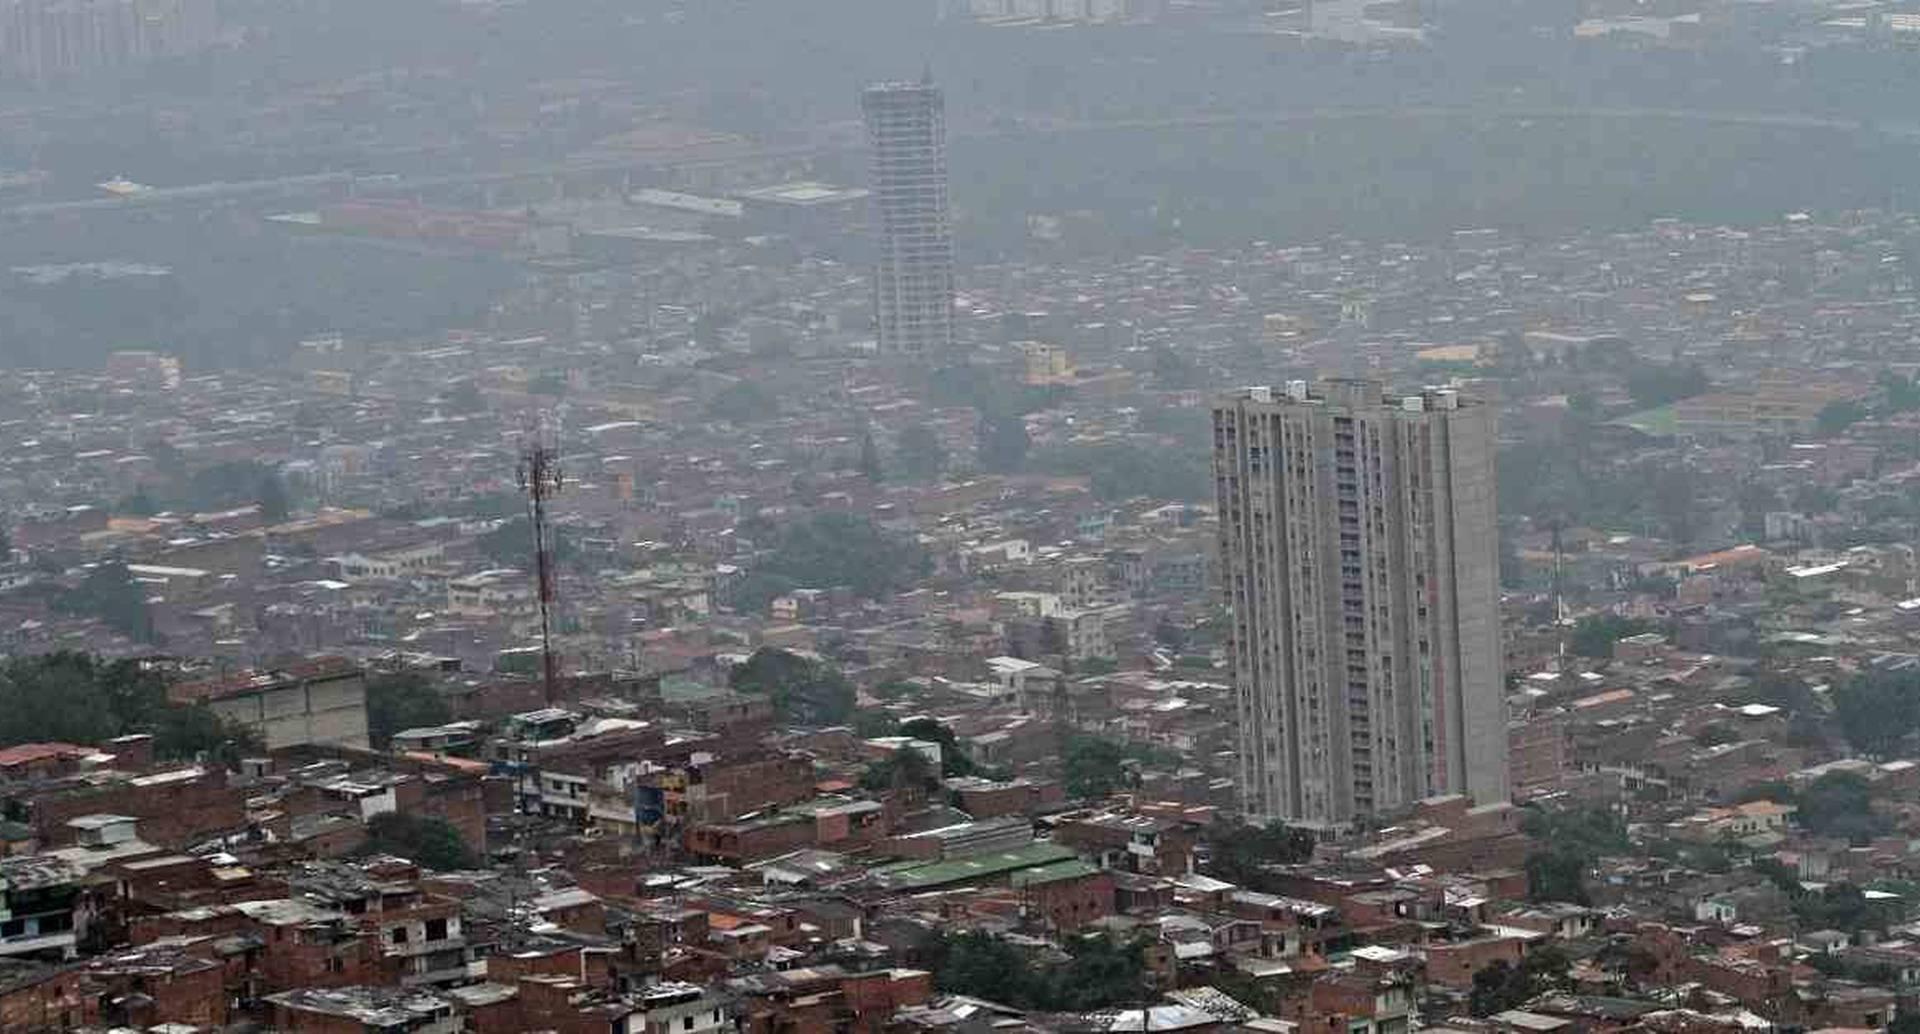 Constantemente son declaradas alertas en Medellín y el Valle de Aburrá por causa de la mala calidad del aire. Foto: archivo/Pablo Andrés Monsalve.